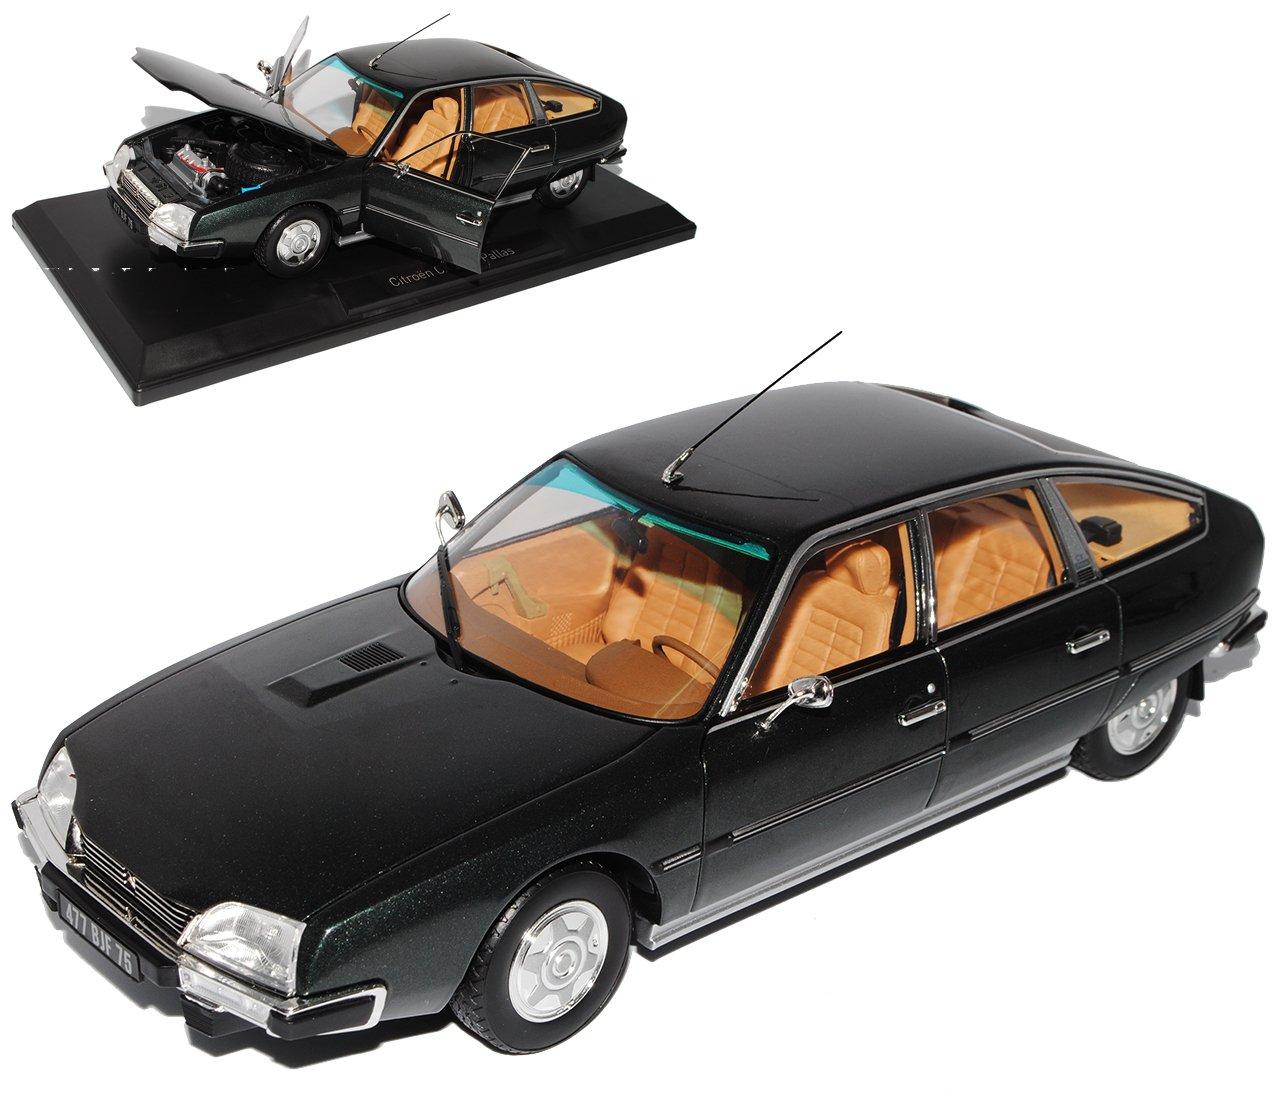 Norev Citroen CX 2200 Pallas Limousine Grau Schwarz Serie I 1974-1985 1/18 Modell Auto mit individiuellem Wunschkennzeichen